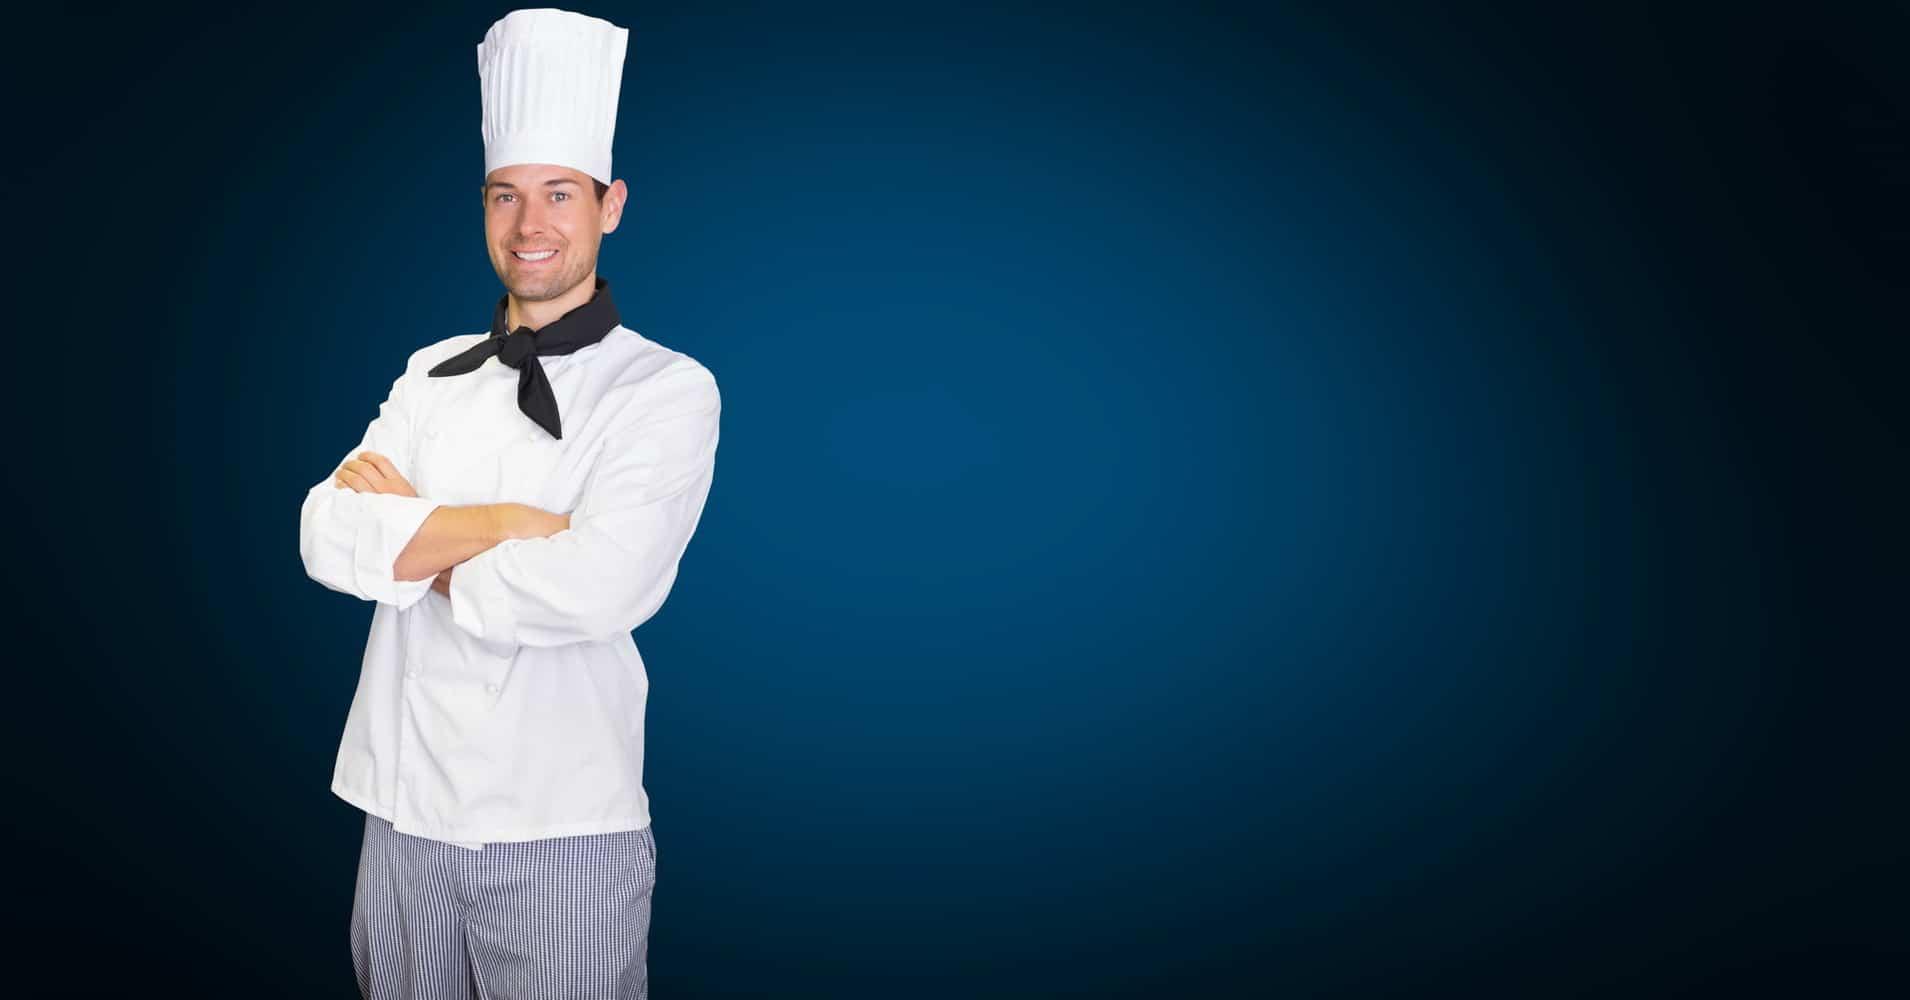 szakács és visszér vétele